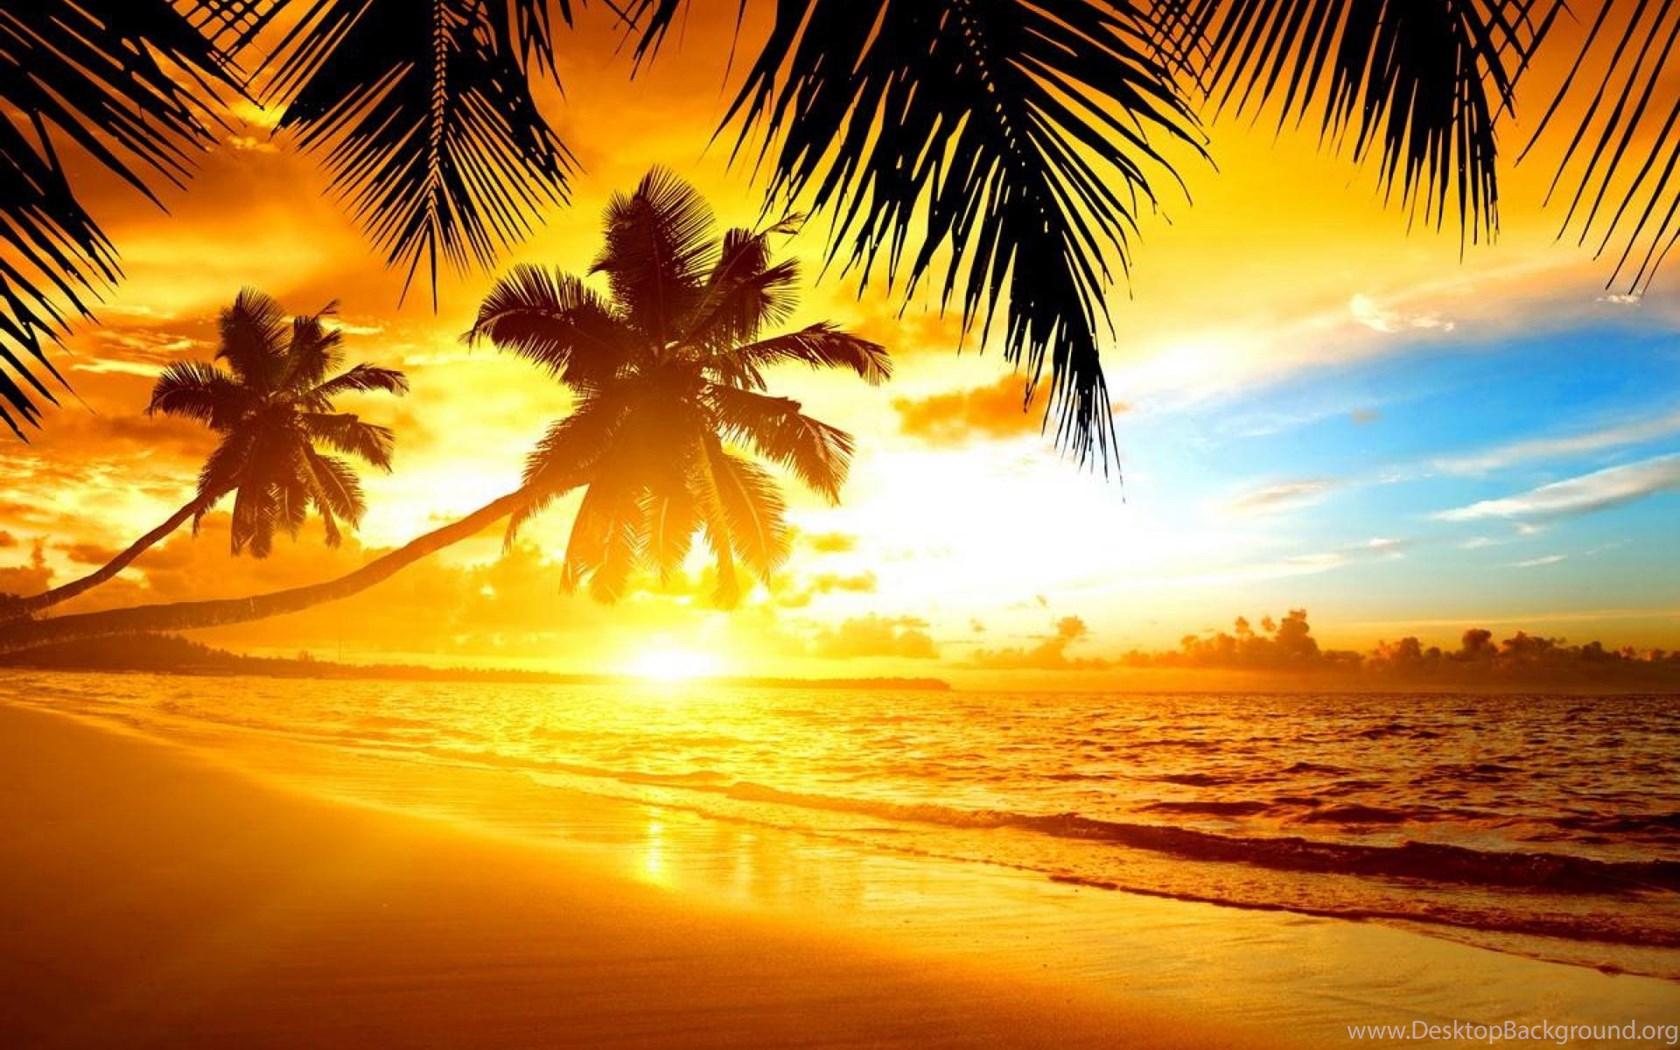 Tropics Palm Trees Sun Beach 4k Hd Desktop Wallpaper For: TROPICAL SUNSET WALLPAPER ( Desktop Background